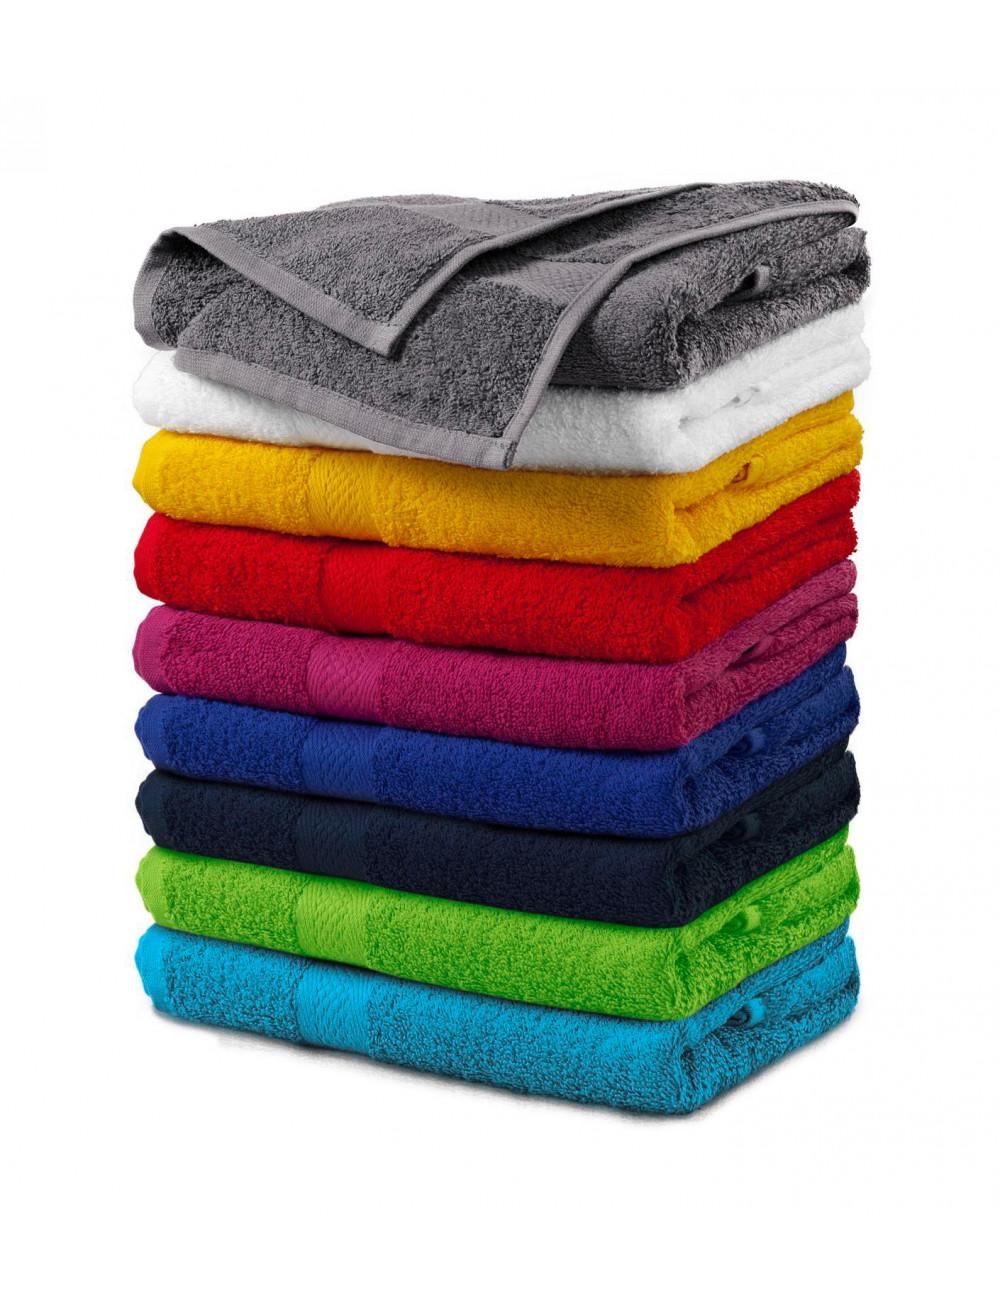 Adler MALFINI Ręcznik unisex Terry Towel 903 granatowy